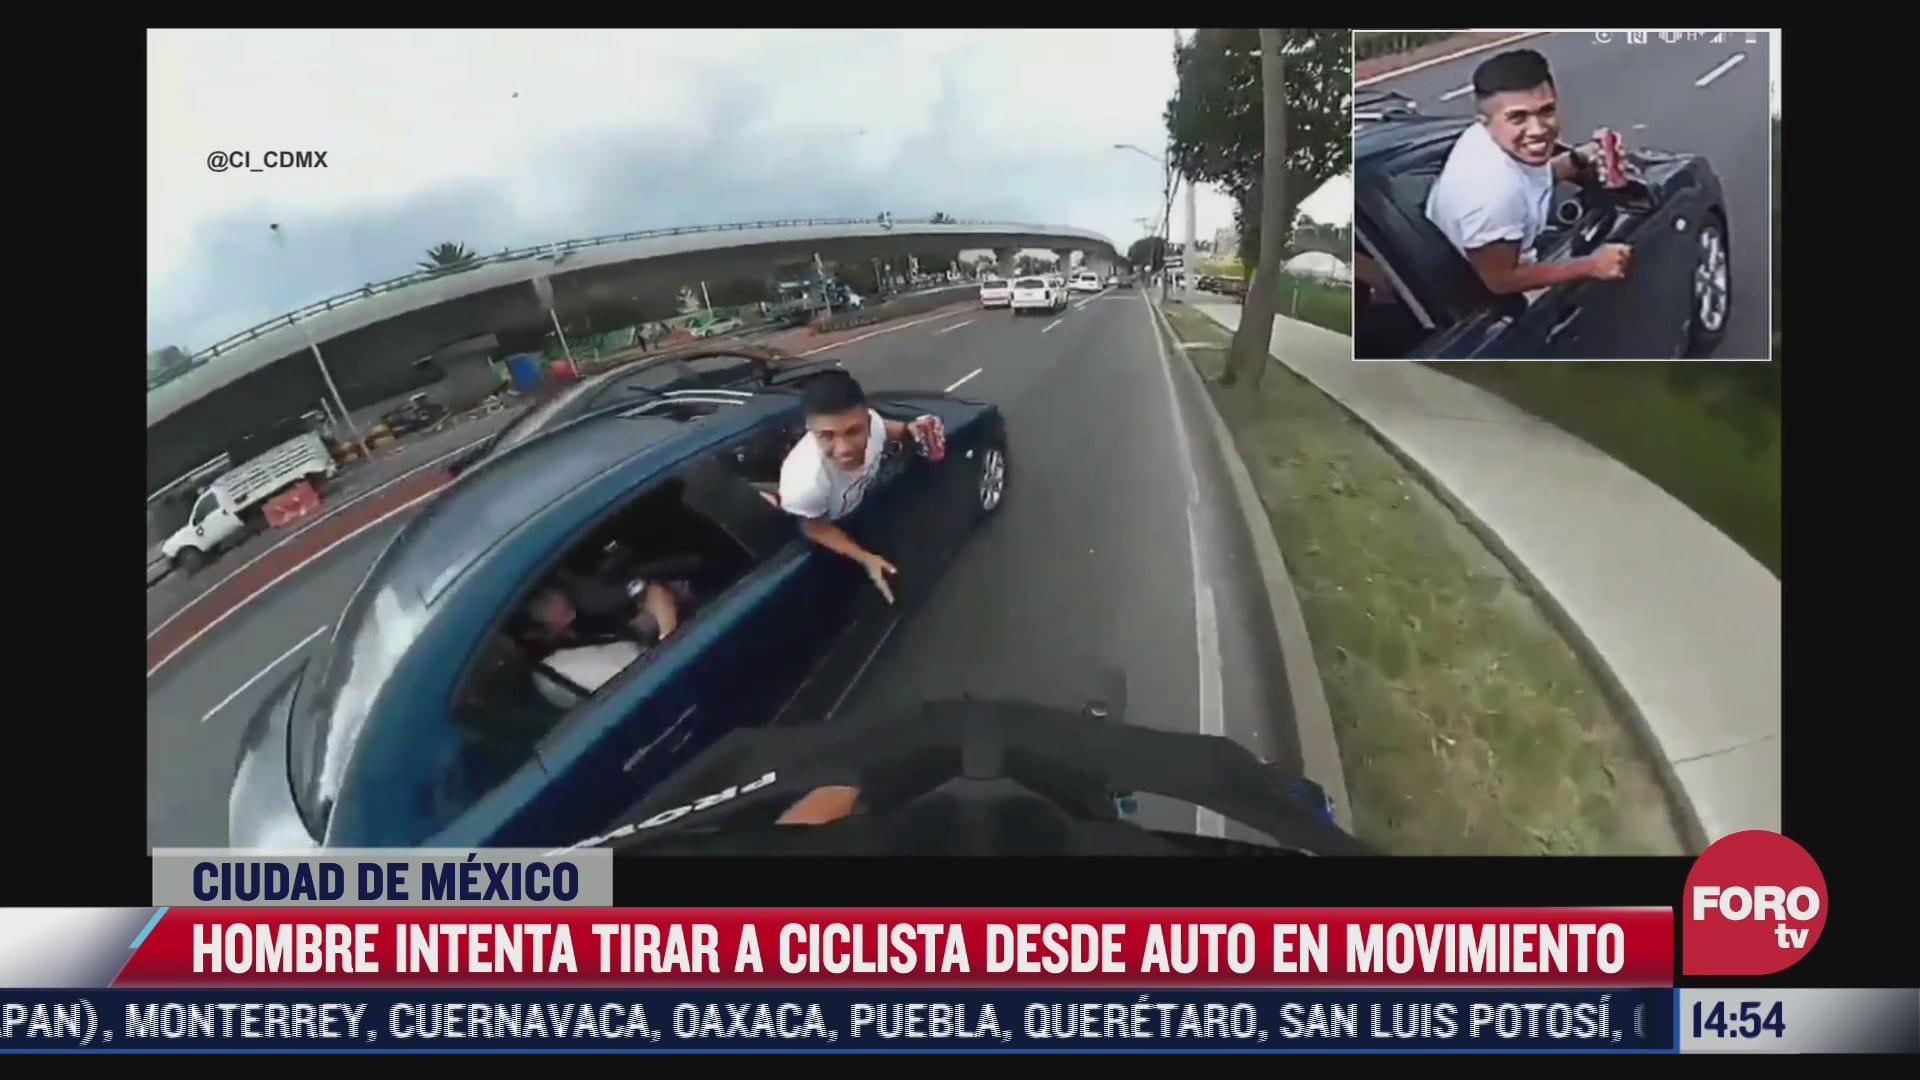 hombre intenta tirar a ciclista de auto en movimiento en cdmx